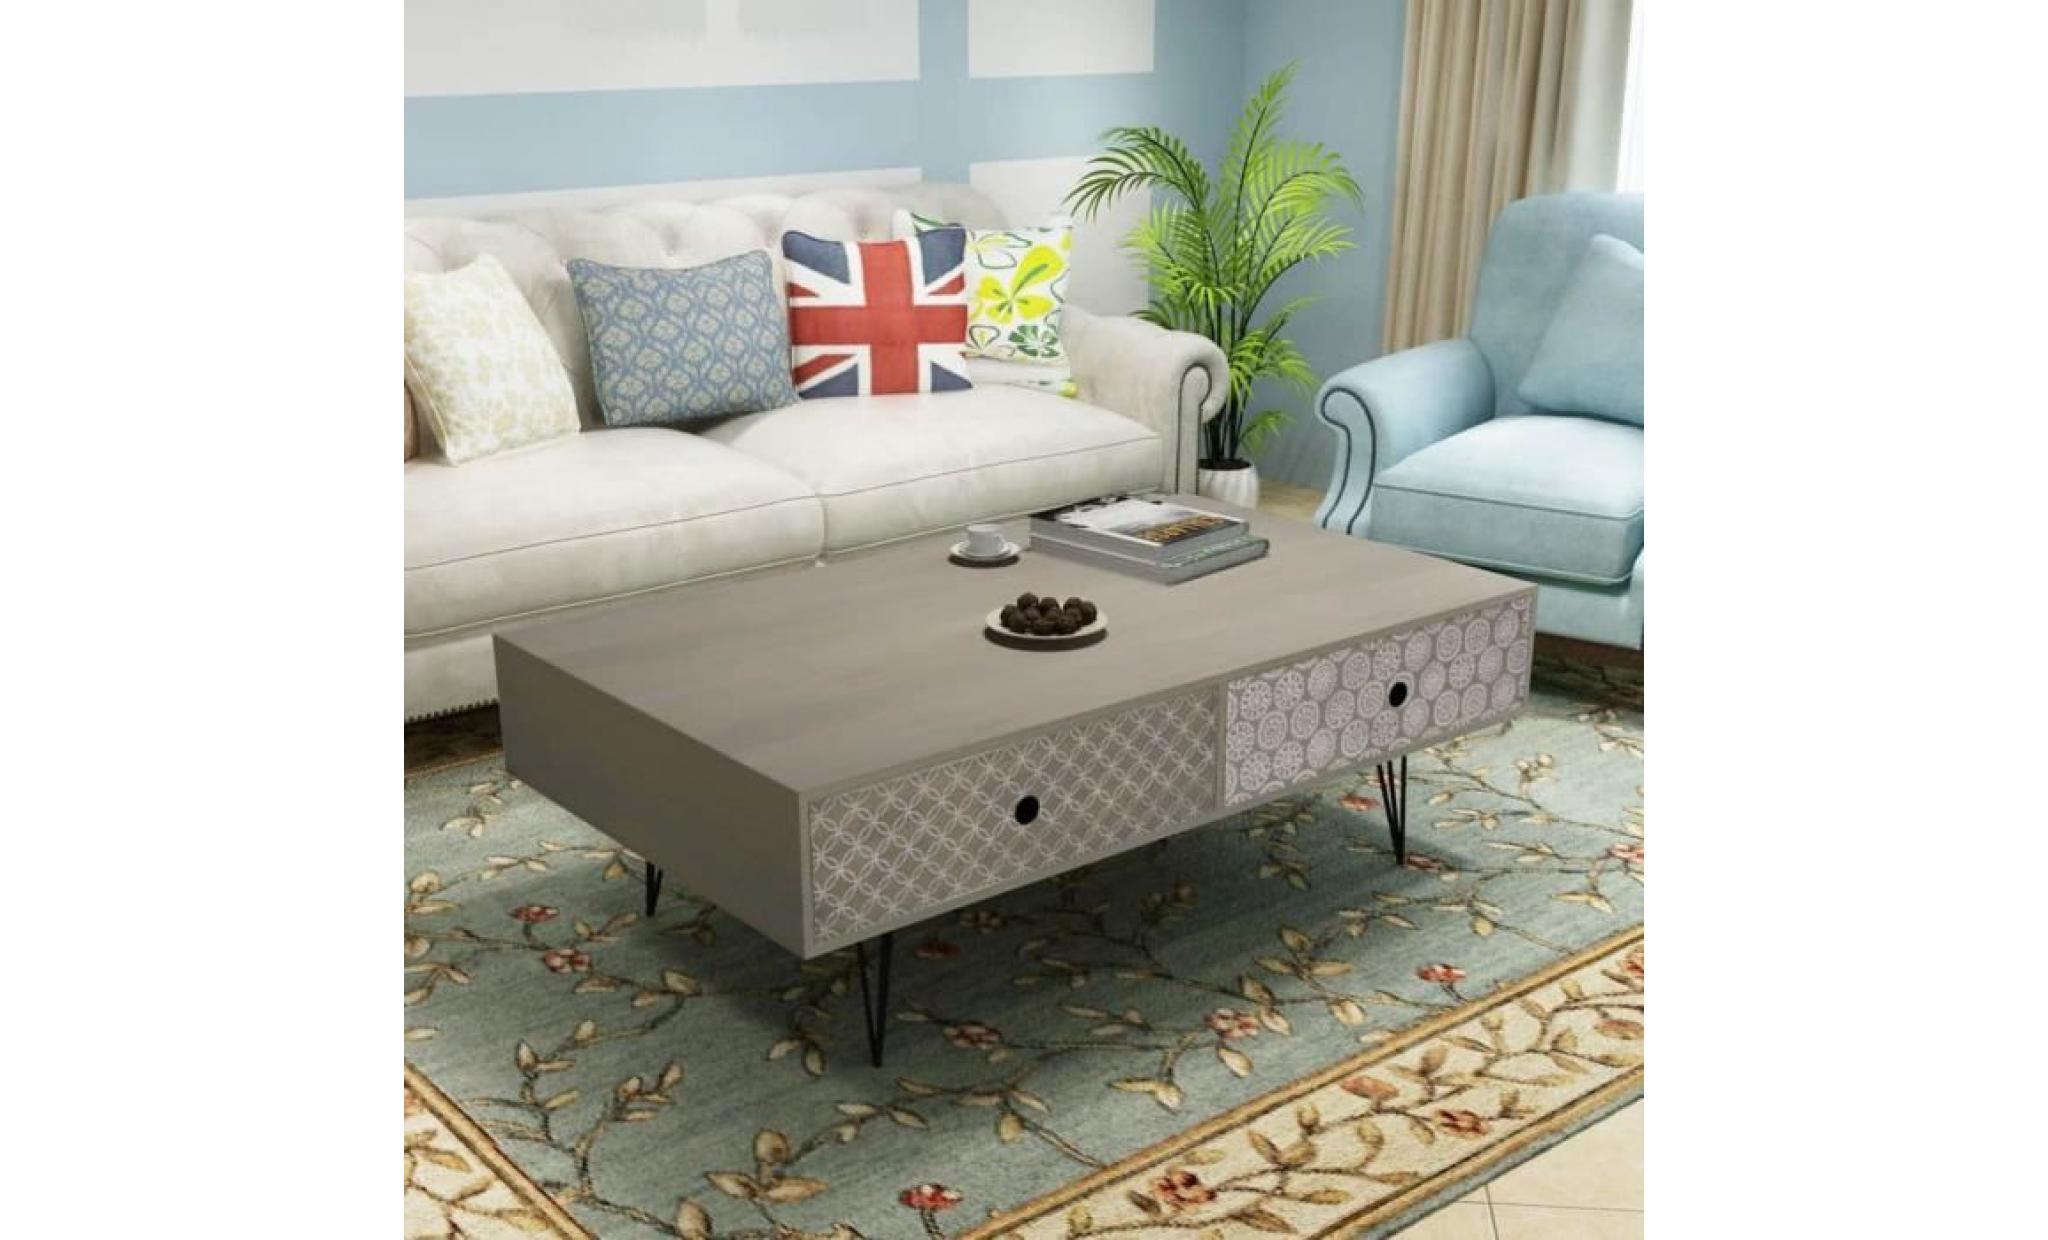 table basse 100 x 60 x 35 cm gris achat vente table basse pas cher couleur et design fr